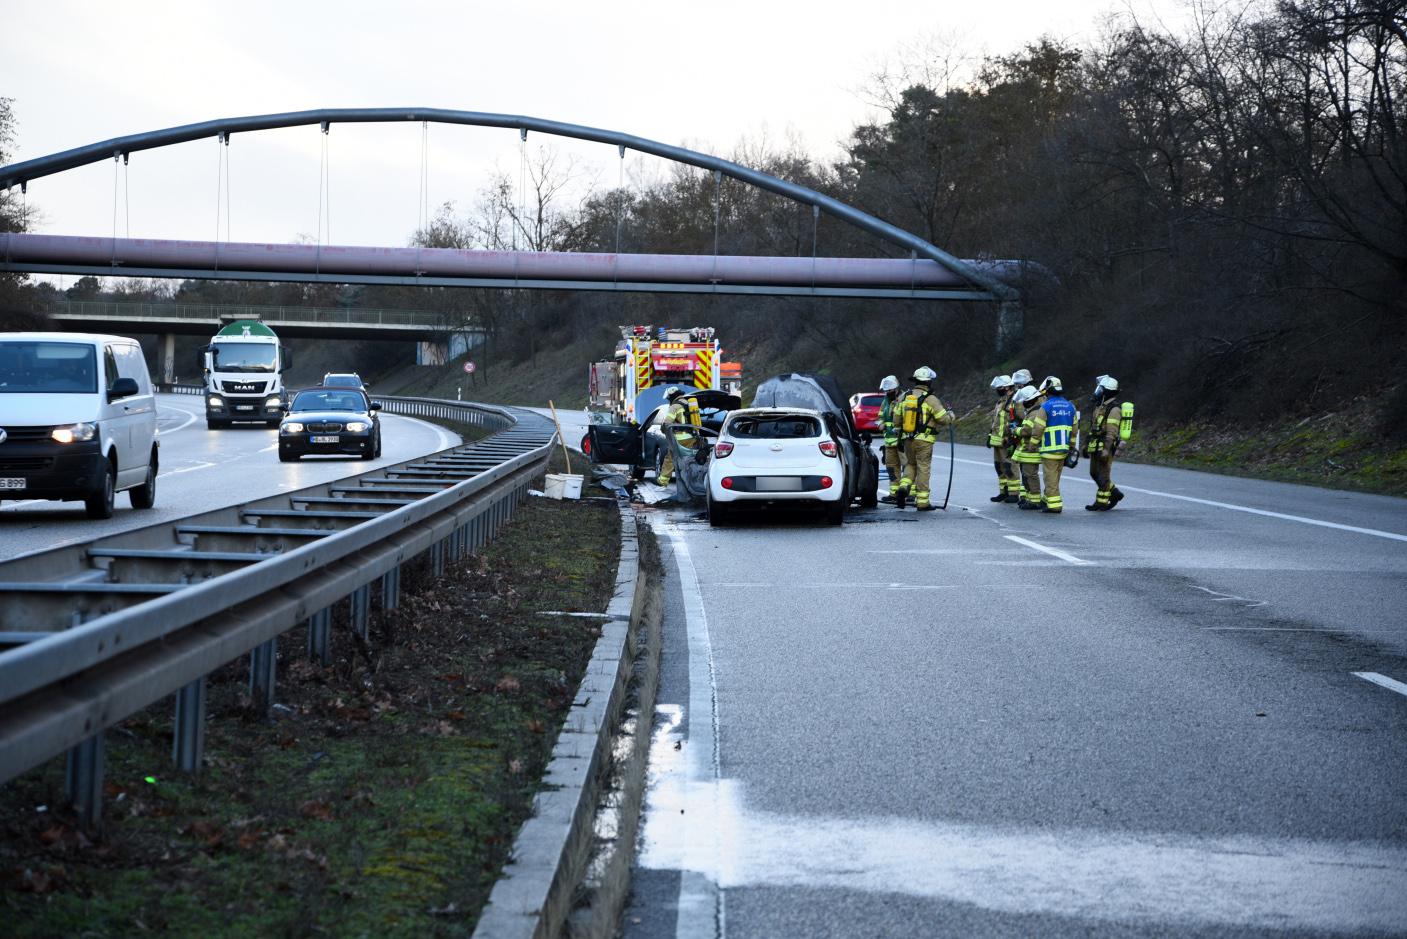 Mannheim-Rheinau: Auffahrunfall auf der B36 - Autos in Brand geraten - Unfallverursacher flüchtet!